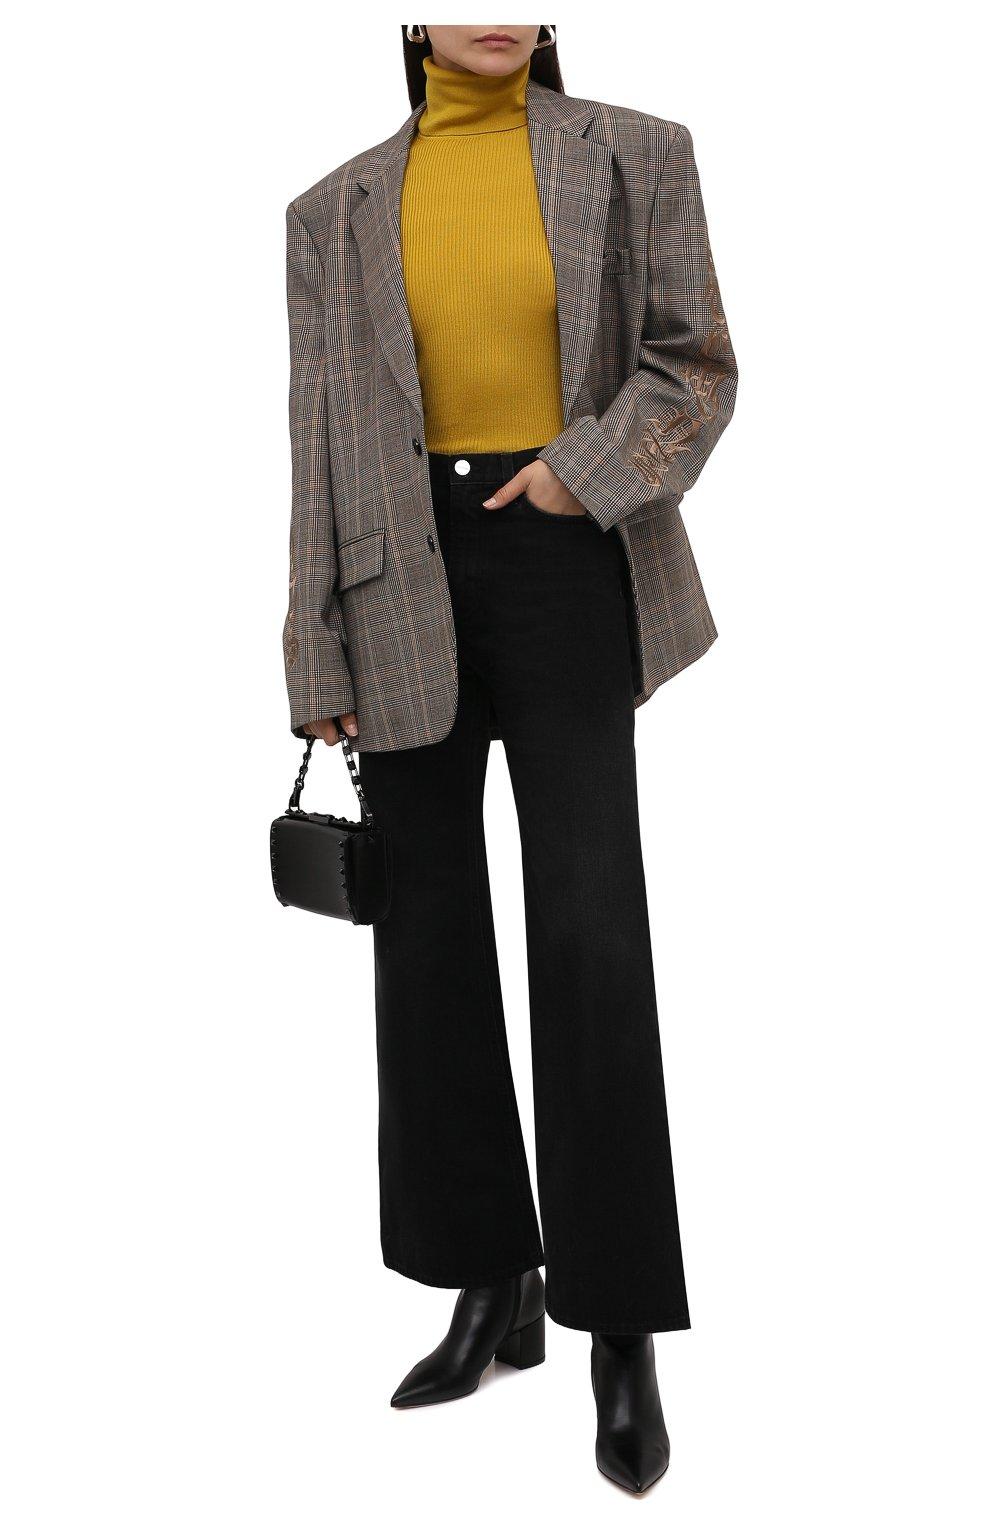 Женская водолазка из кашемира и шерсти SAINT LAURENT желтого цвета, арт. 637869/YAPK2 | Фото 2 (Женское Кросс-КТ: Водолазка-одежда; Материал внешний: Шерсть, Шелк, Кашемир; Рукава: Длинные; Стили: Гламурный; Длина (для топов): Стандартные)